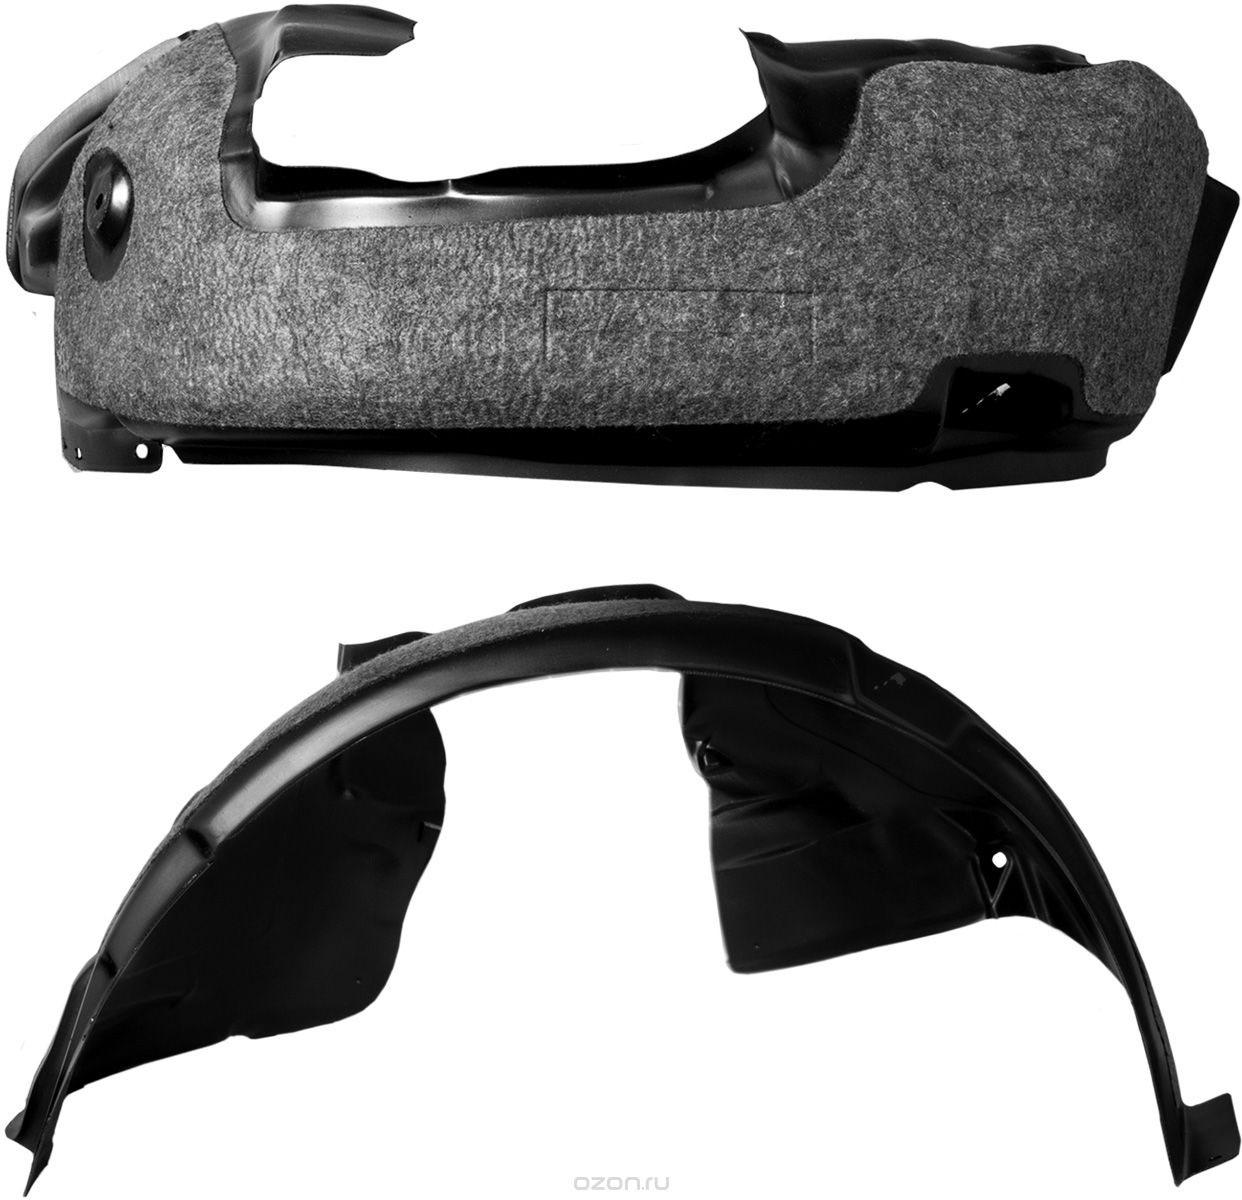 Подкрылок Novline-Autofamily с шумоизоляцией, для Skoda Rapid, 2012->, задний левыйNLS.45.07.003Идеальная защита колесной ниши. Локеры разработаны с применением цифровых технологий, гарантируют максимальную повторяемость поверхности арки. Изделия устанавливаются без нарушения лакокрасочного покрытия автомобиля, каждый подкрылок комплектуется крепежом. Уважаемые клиенты, обращаем ваше внимание, что фотографии на подкрылки универсальные и не отражают реальную форму изделия. При этом само изделие идет точно под размер указанного автомобиля.